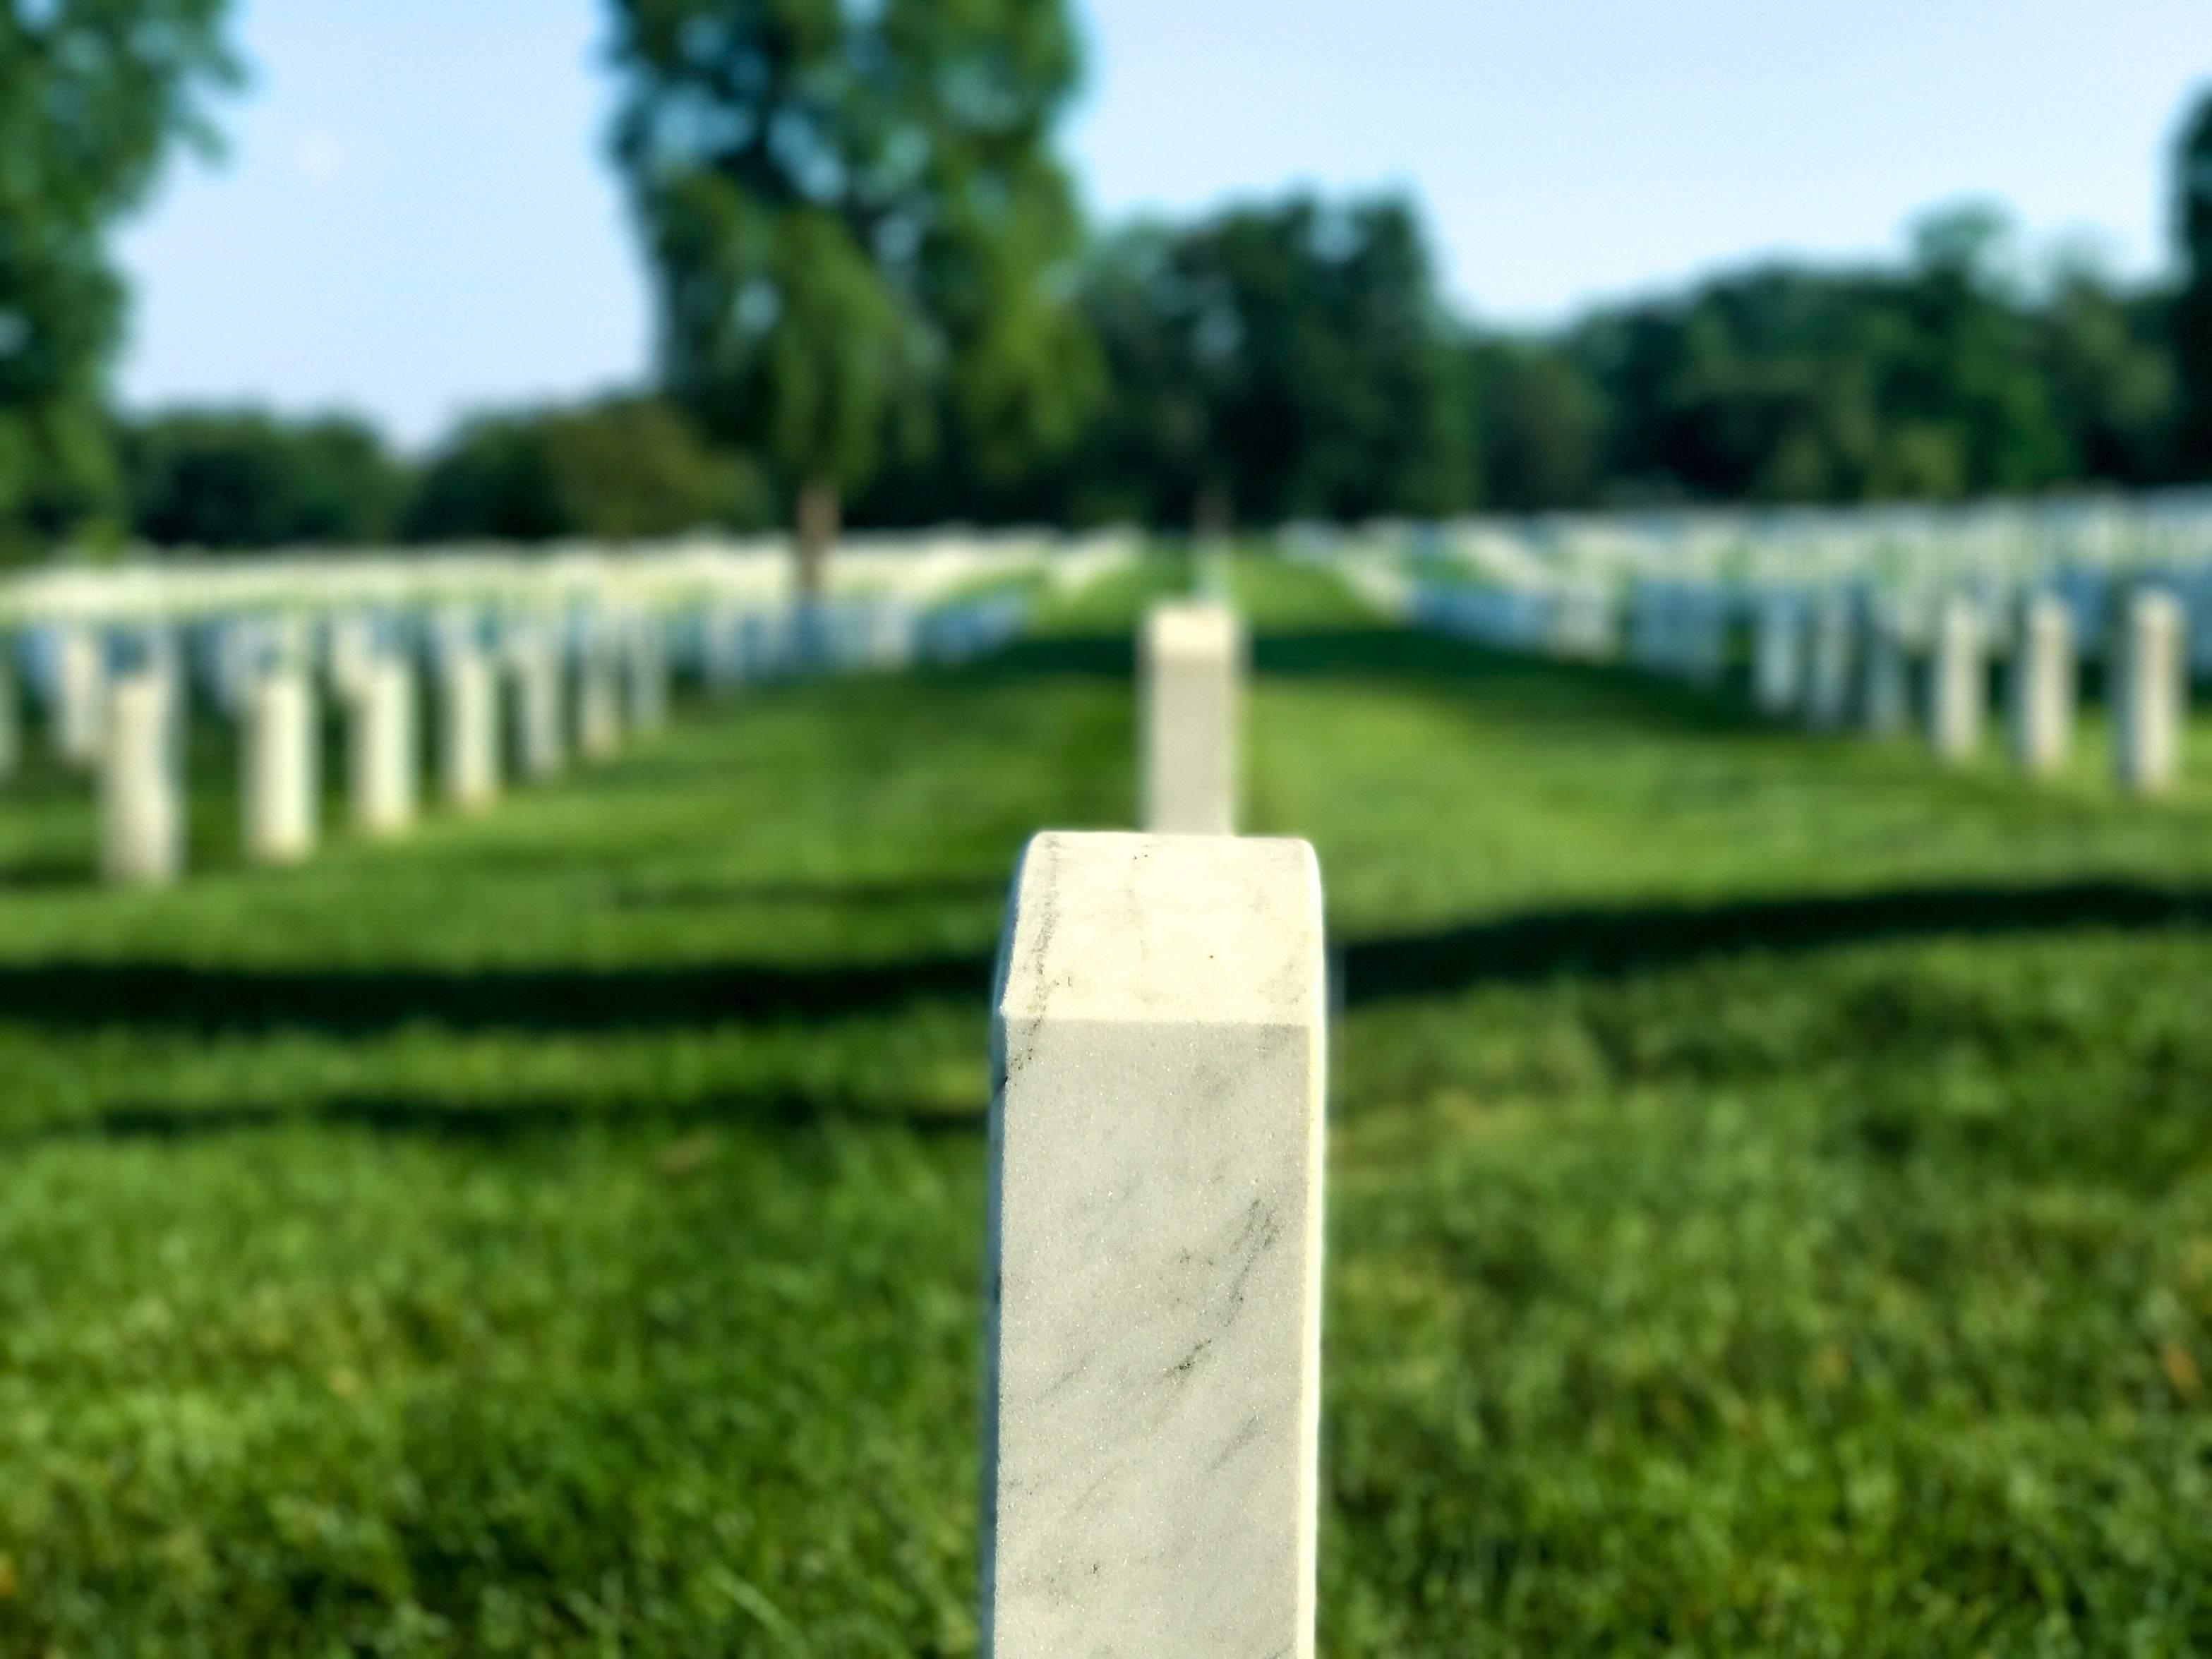 Friedhof als Symbol - grottige Rendite auf den deutschen Kapitalexport